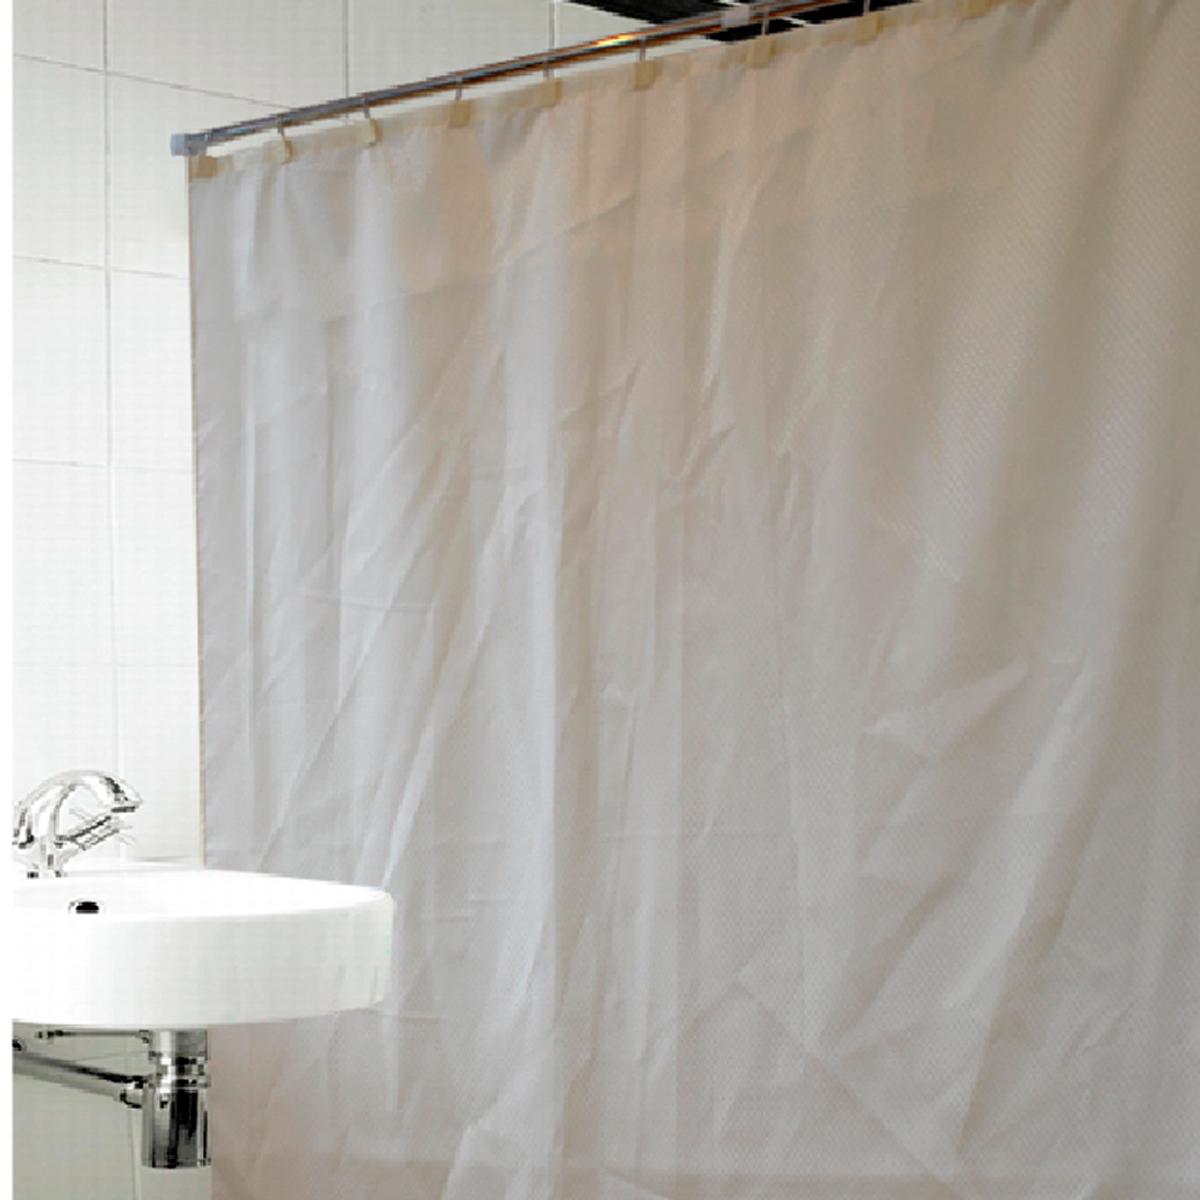 Купить Шторы и карнизы Arya, Шторы для ванной Celeste Цвет: Бежевый, Турция, Полиэстер